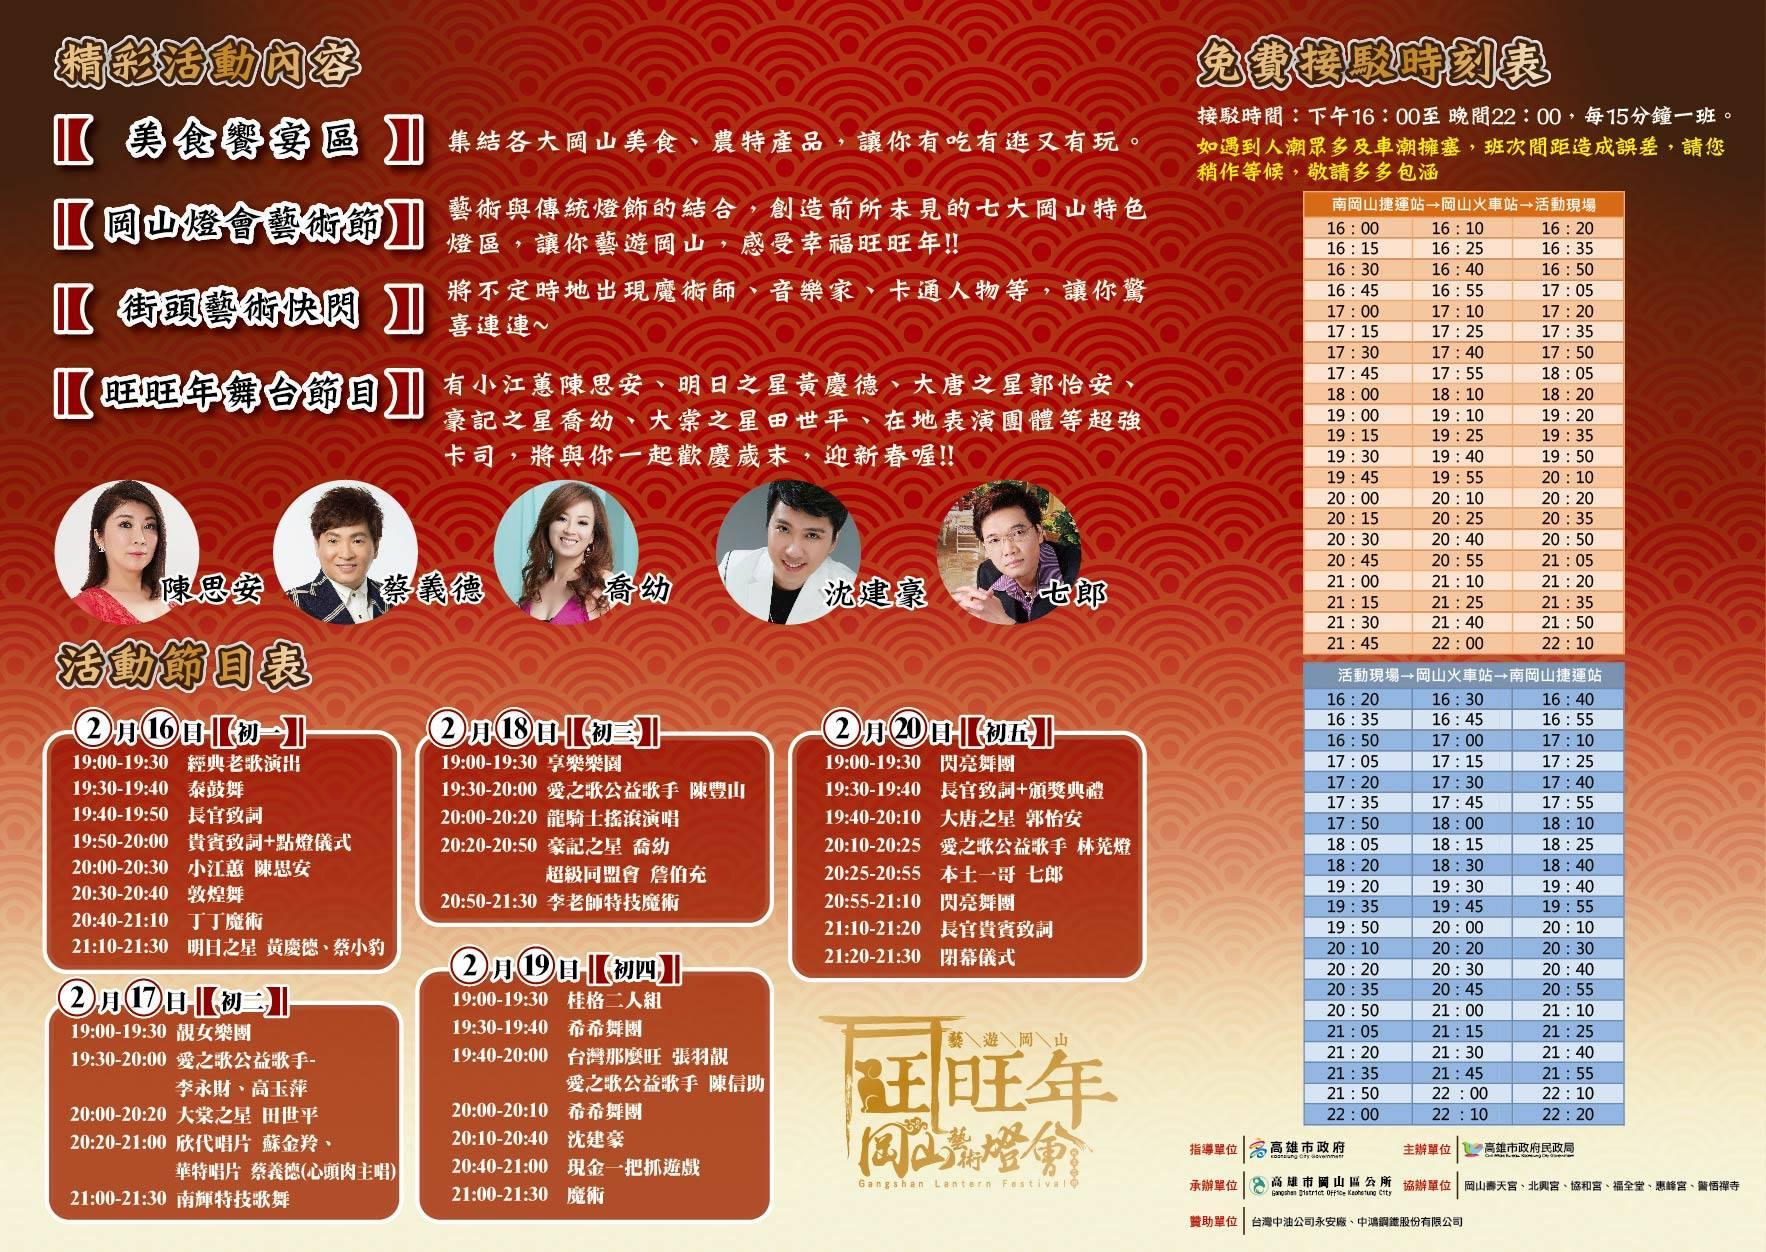 2018岡山燈會藝術節-活動表